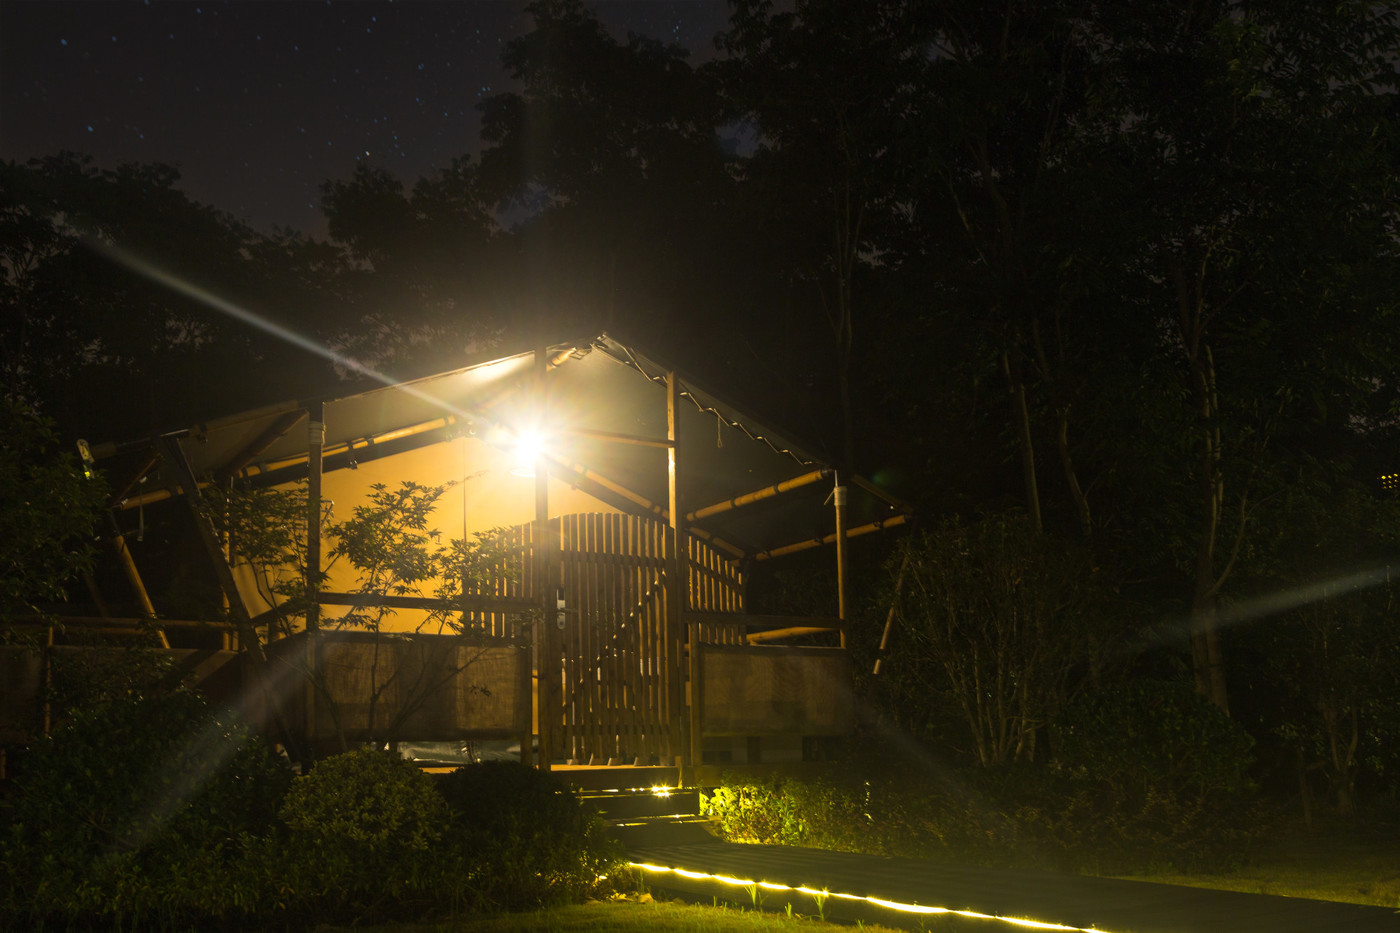 喜马拉雅嘉境林邸子母房奢华帐篷酒店生产厂家,为全球30多个国家提供营地帐篷酒店规划设计制造服务!以下为奢华帐篷酒店图片和视频介绍!9